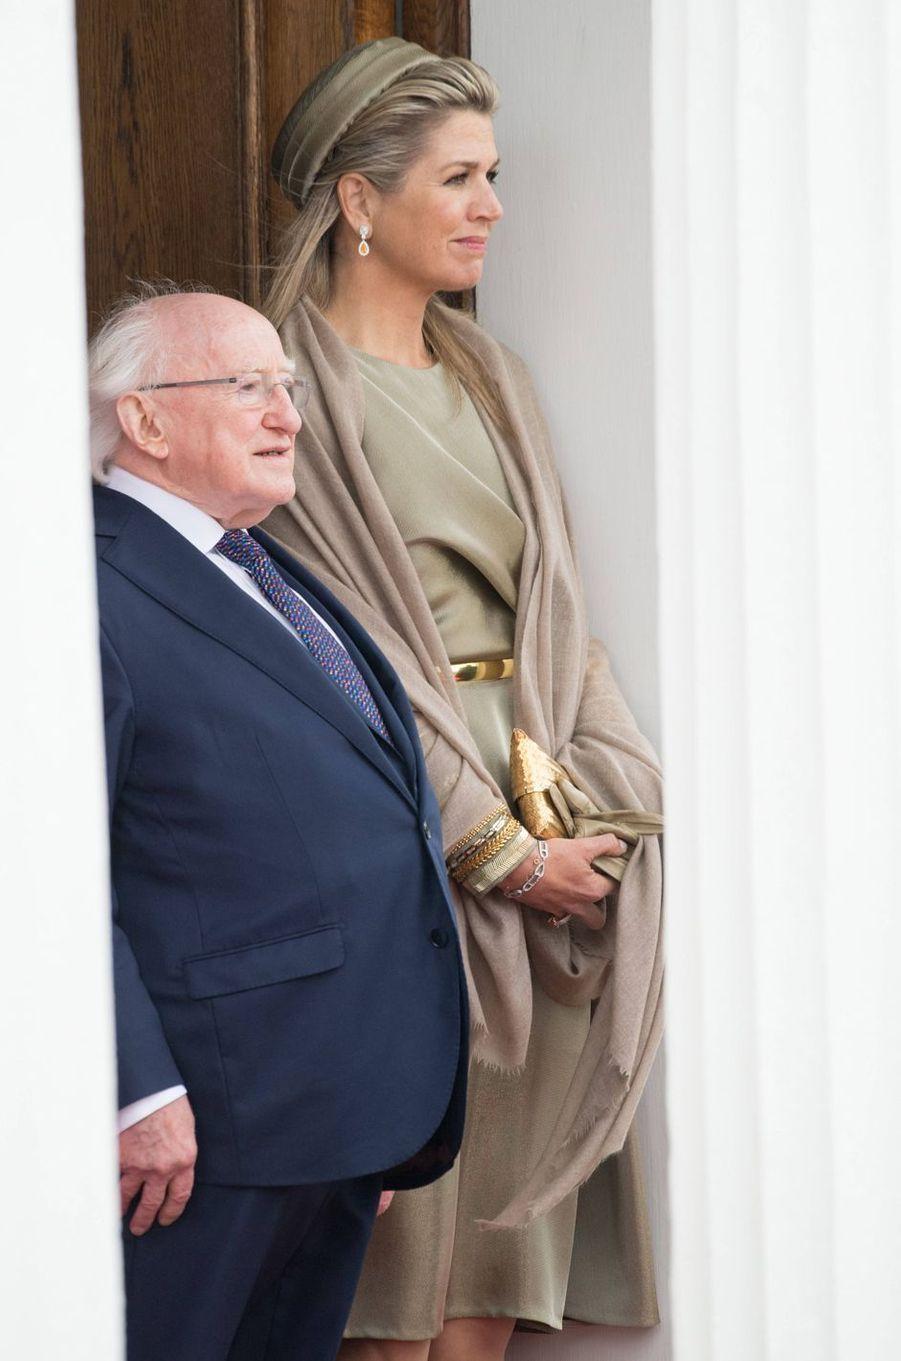 La reine Maxima des Pays-Bas avec le président de la République d'Irlande Michael D. Higgins à Dublin, le 12 juin 2019